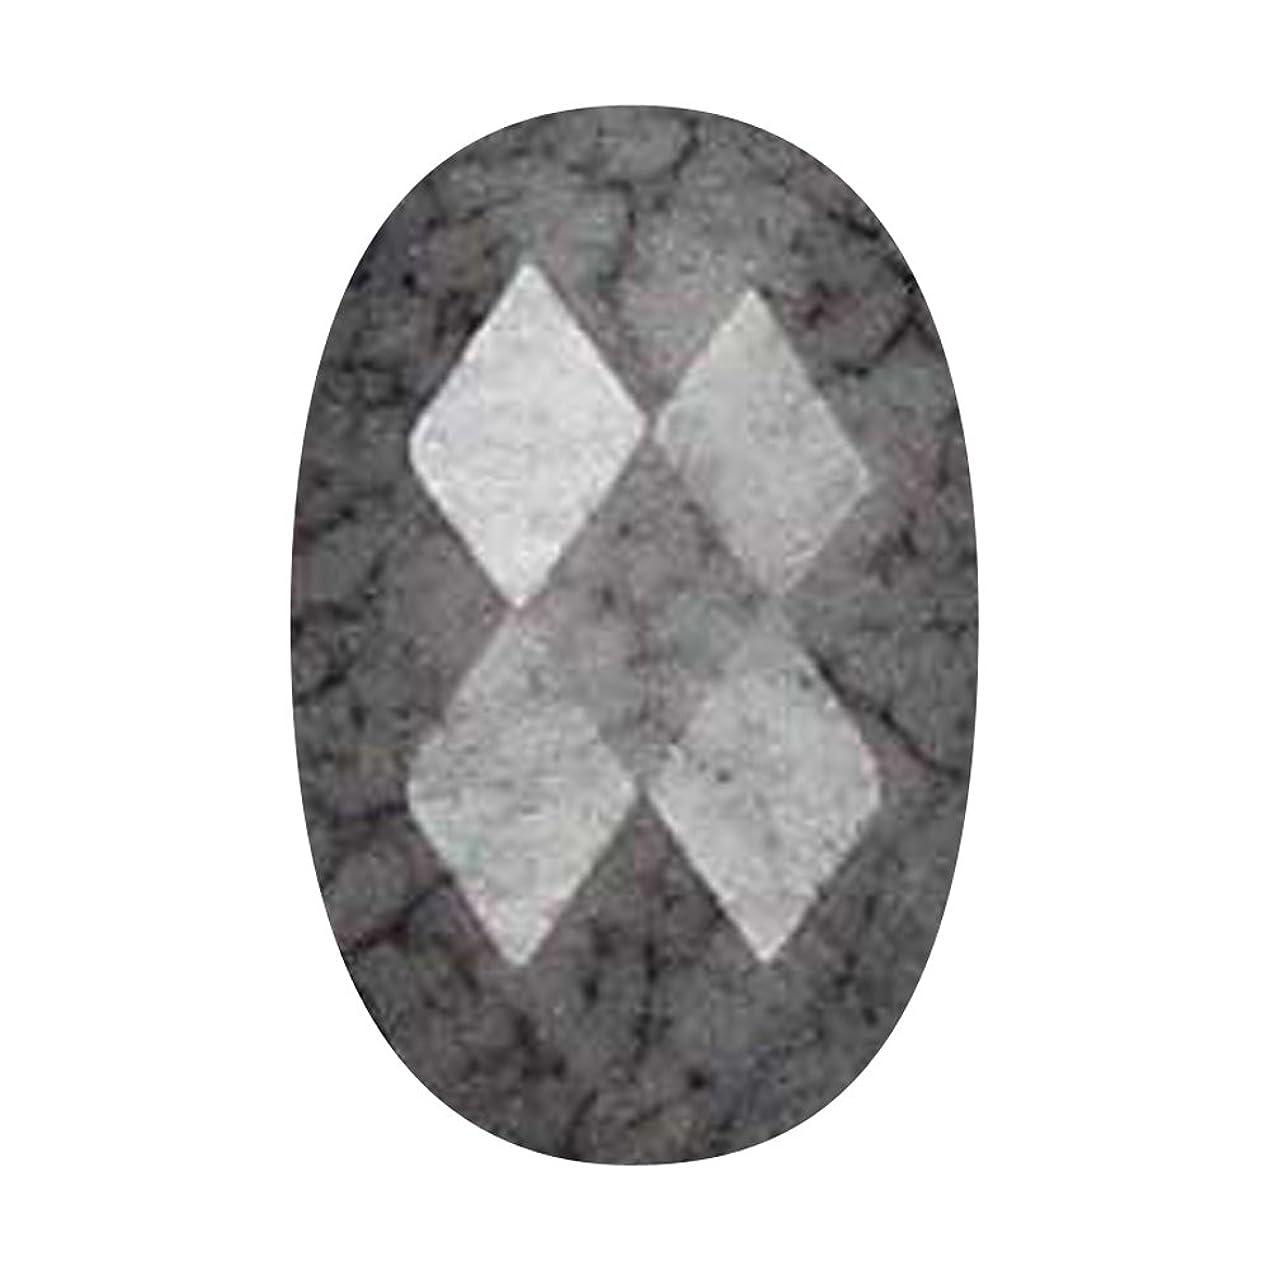 小さい感情ことわざMpetit B677 ビジュー スレートグレイ 20P マーキス?カットの大理石風ストーン アート材